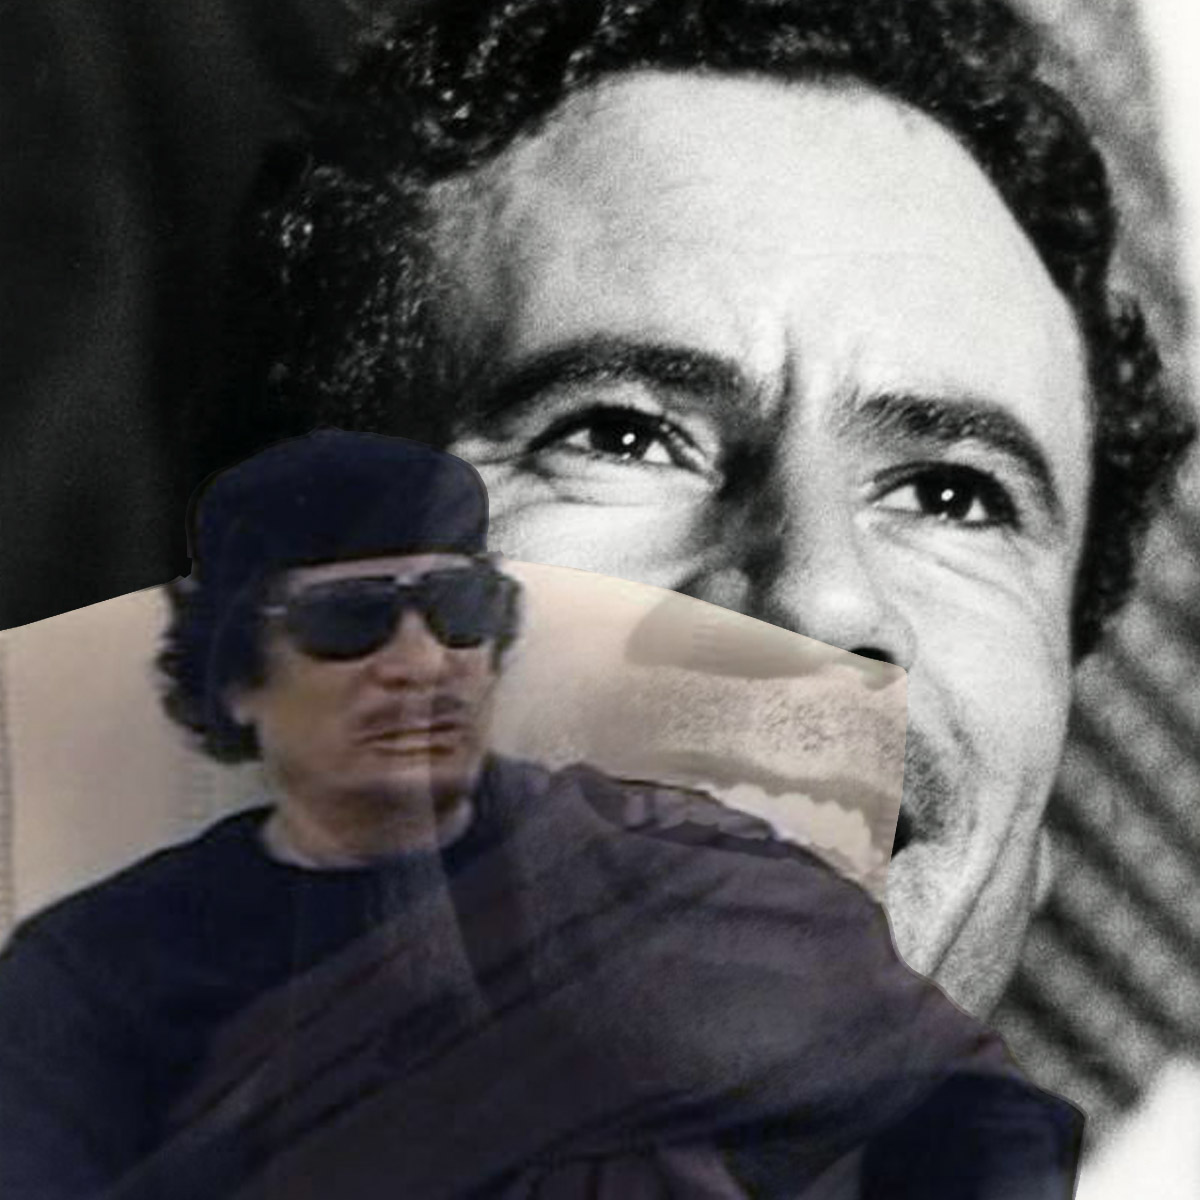 .سجل حضورك ... بصورة تعز عليك ... للبطل الشهيد القائد معمر القذافي - صفحة 13 Gaddafilookingatthefuturewith